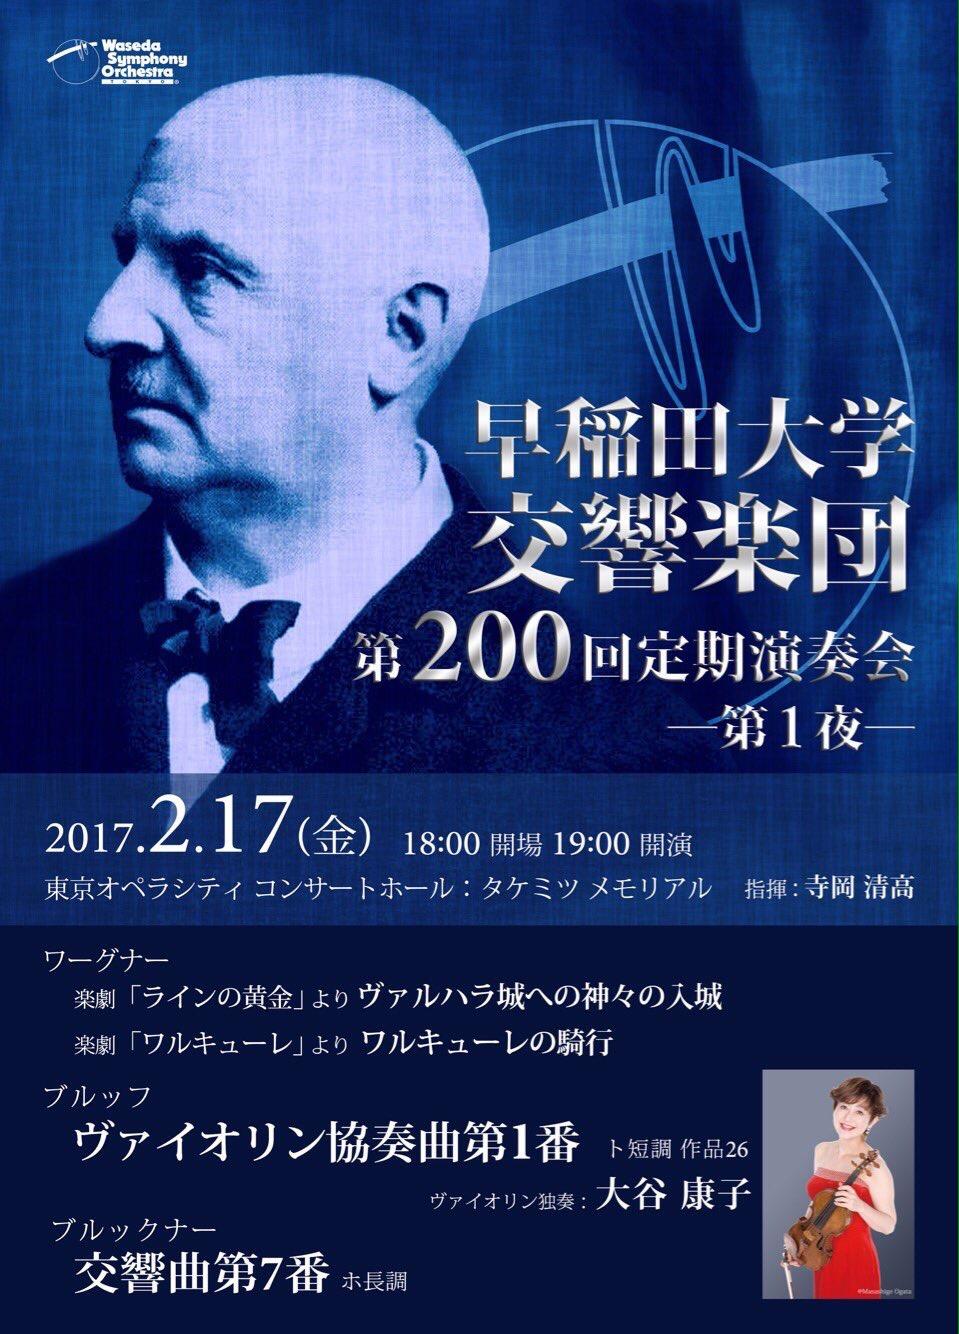 早稲田大学交響楽団200回定期演奏会